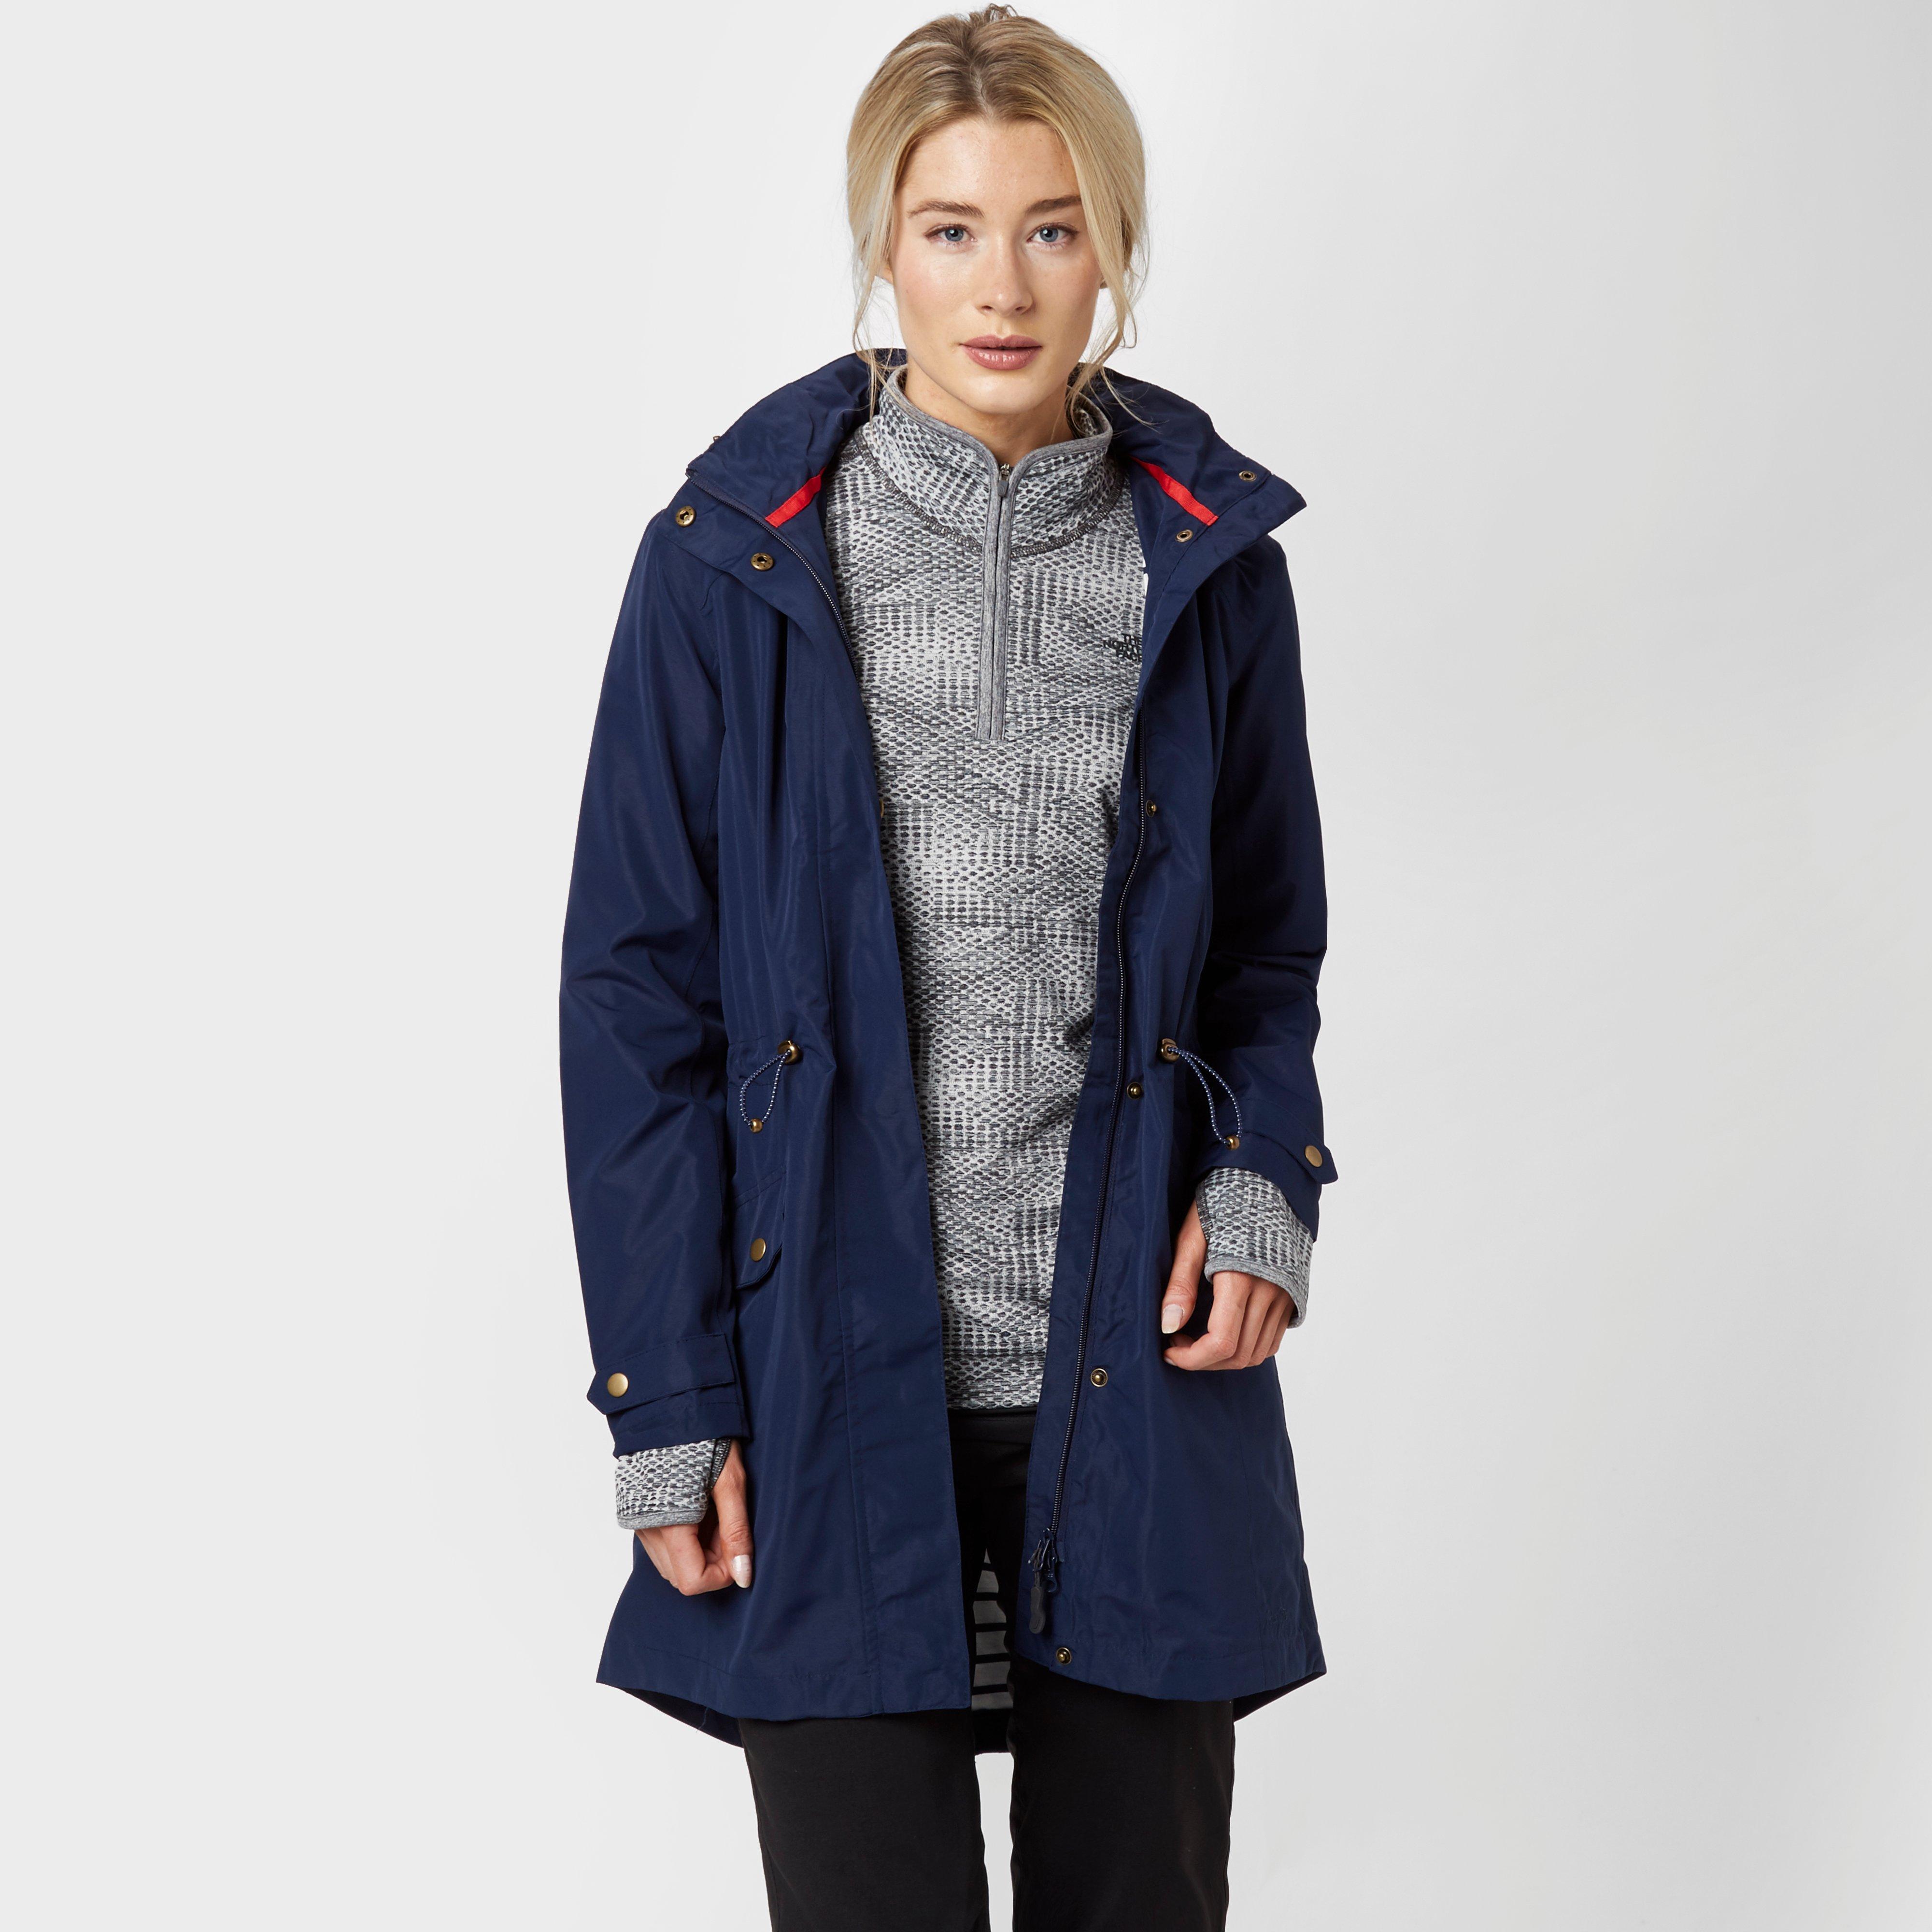 Outdoor coats for women